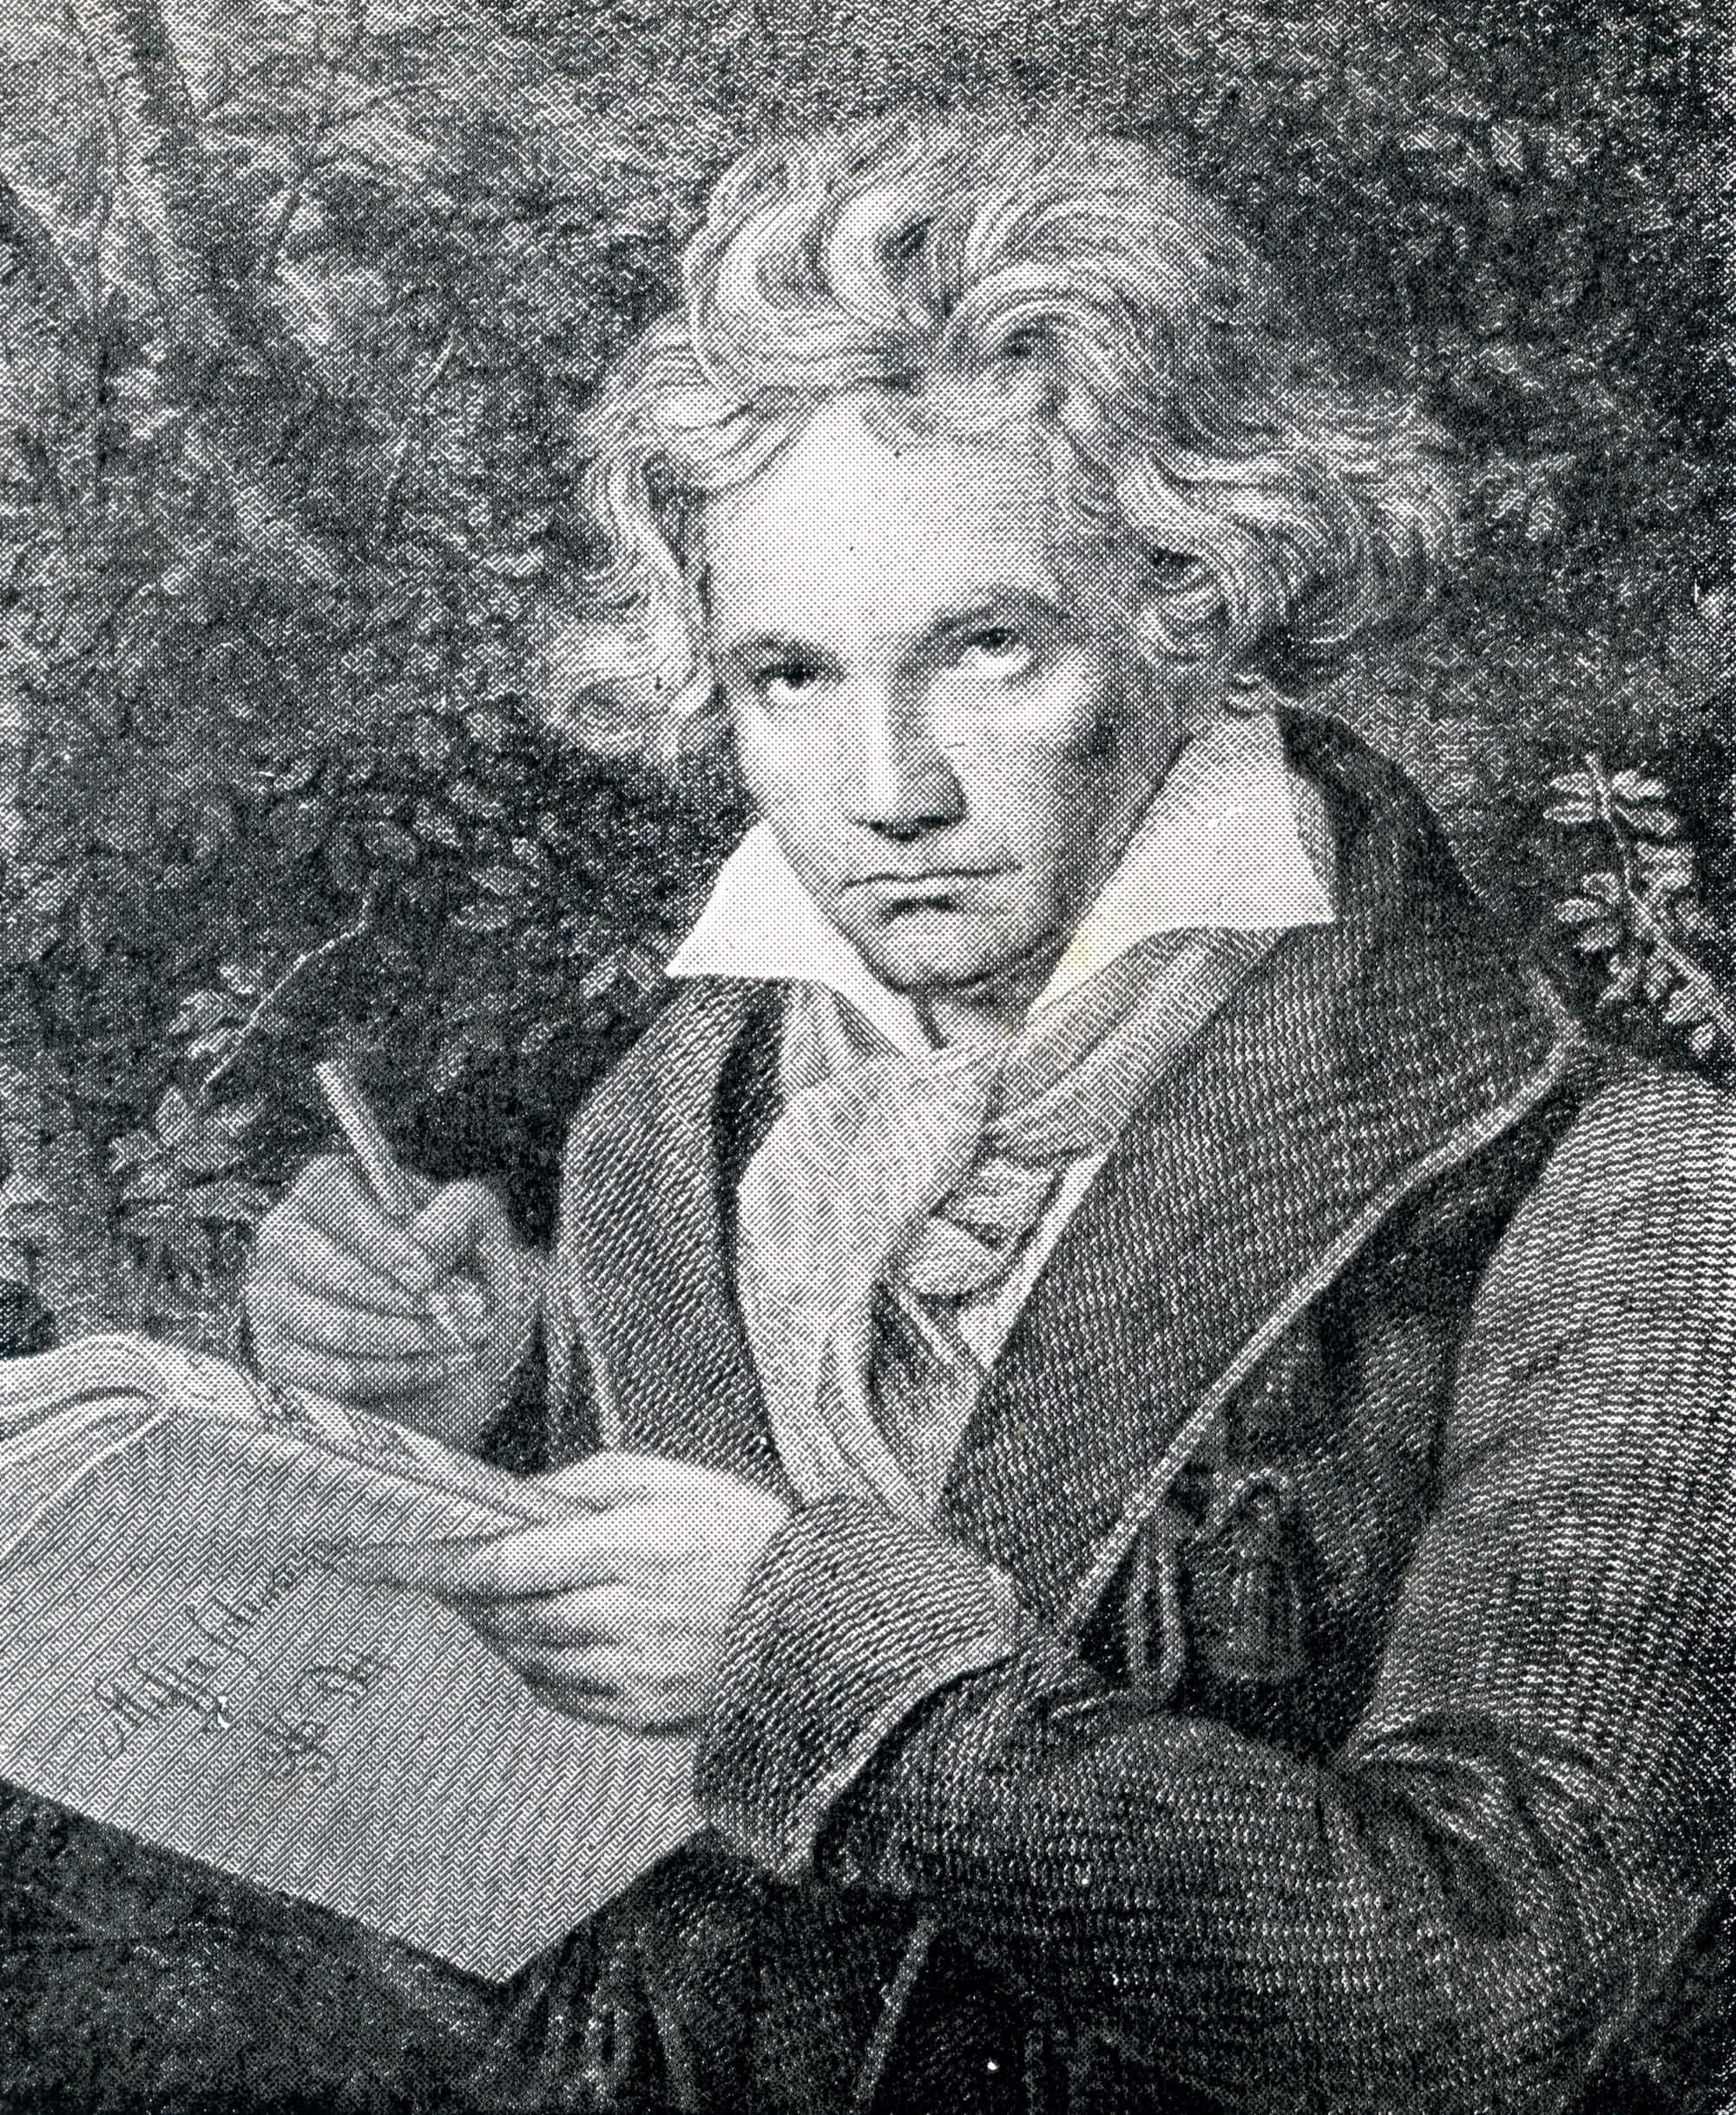 la música de los genios